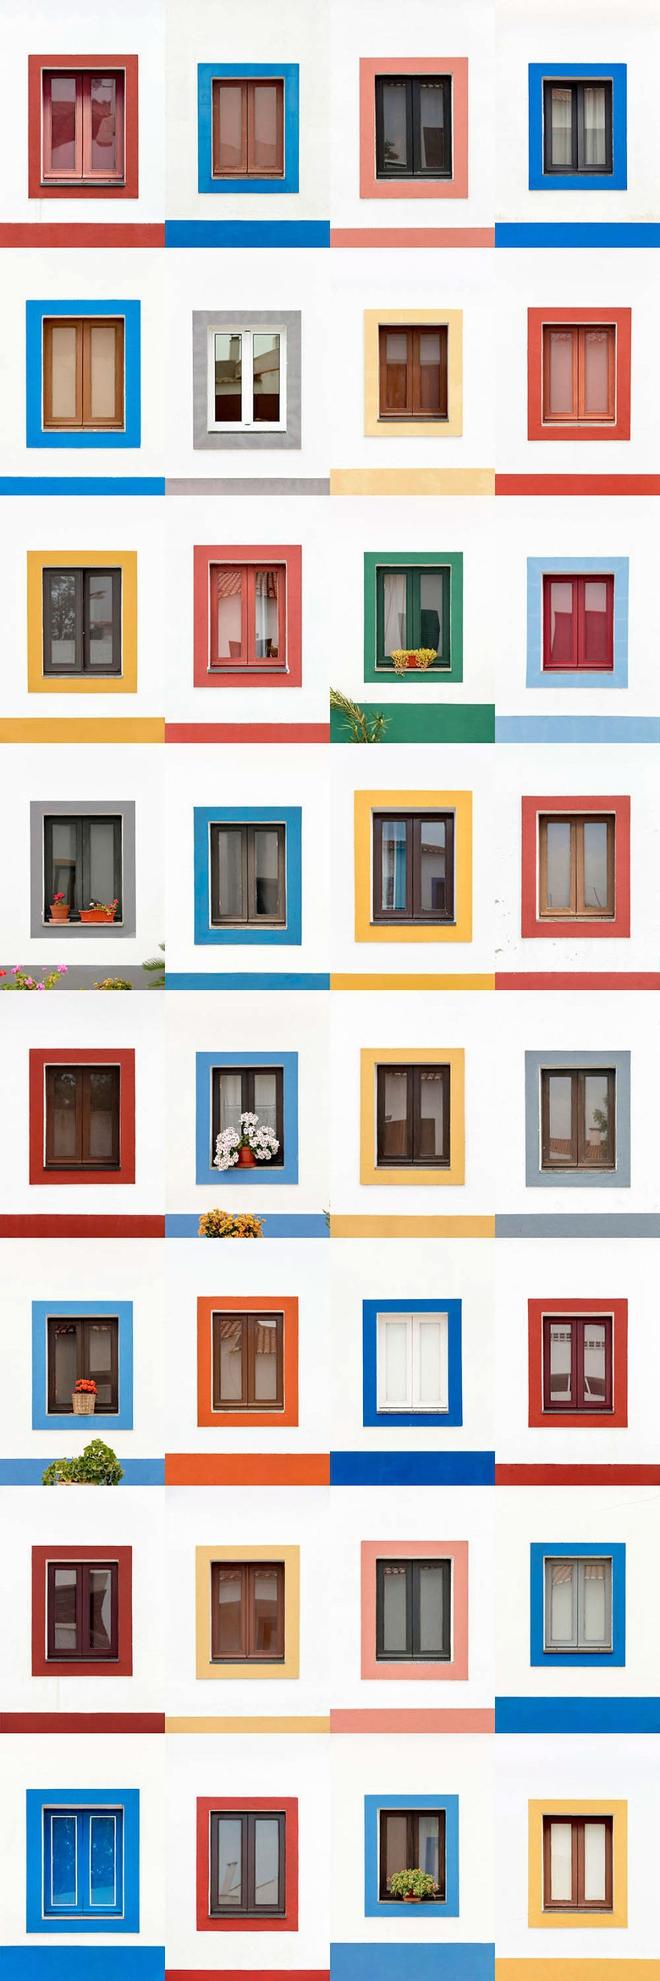 Mãn nhãn với 14 phong cách thiết kế cửa sổ ấn tượng ở Bồ Đào Nha - Ảnh 12.